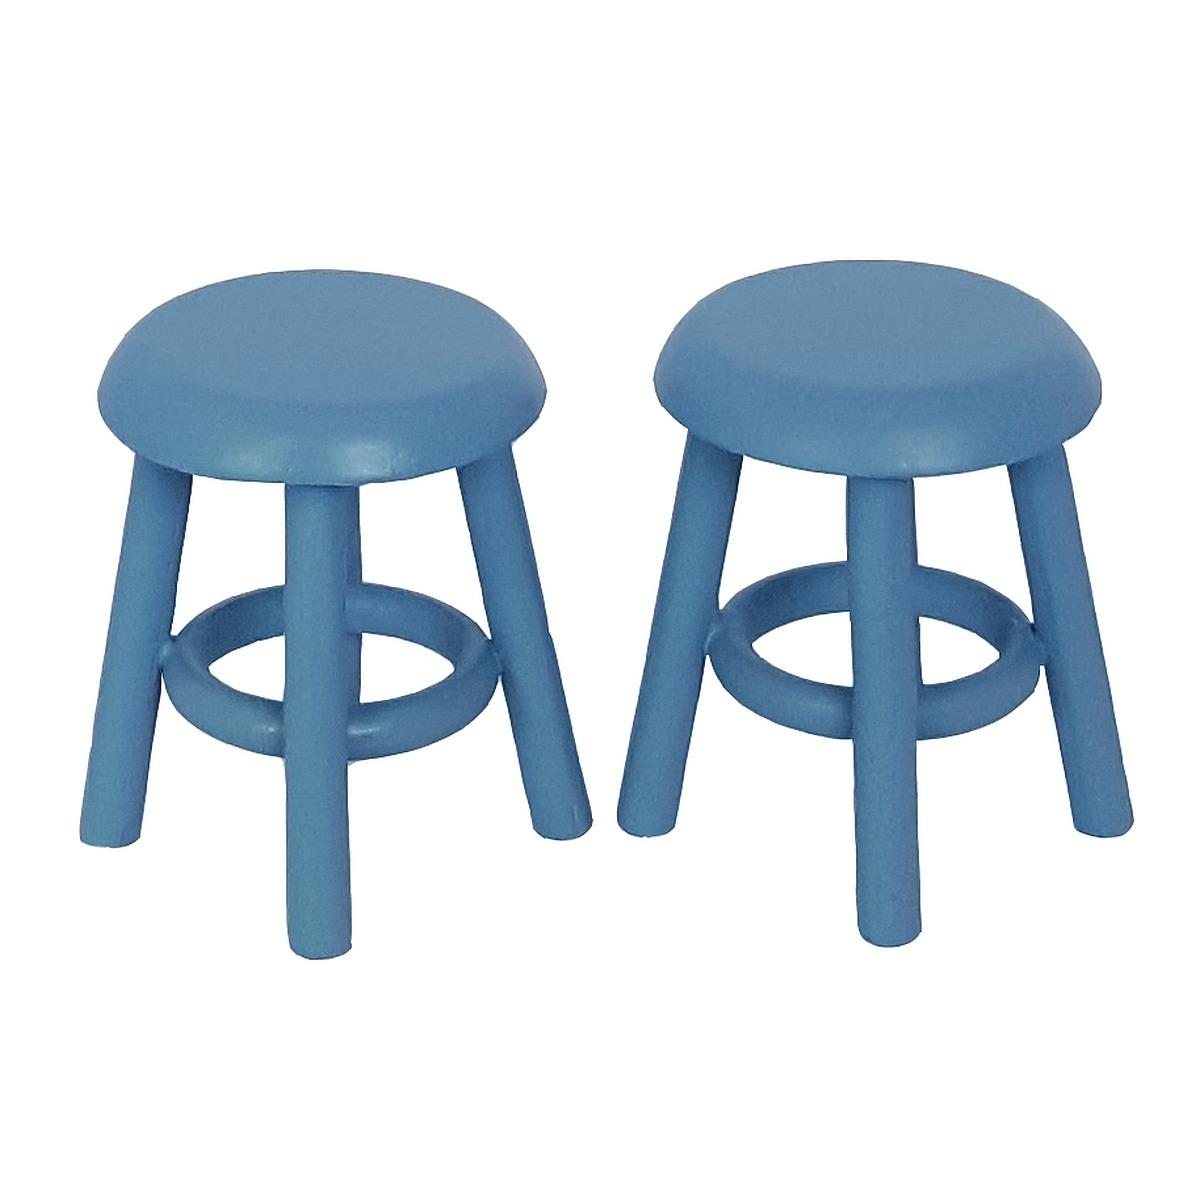 Stool, blue, 2 pcs. 完成品・スツール2脚セット ブルー